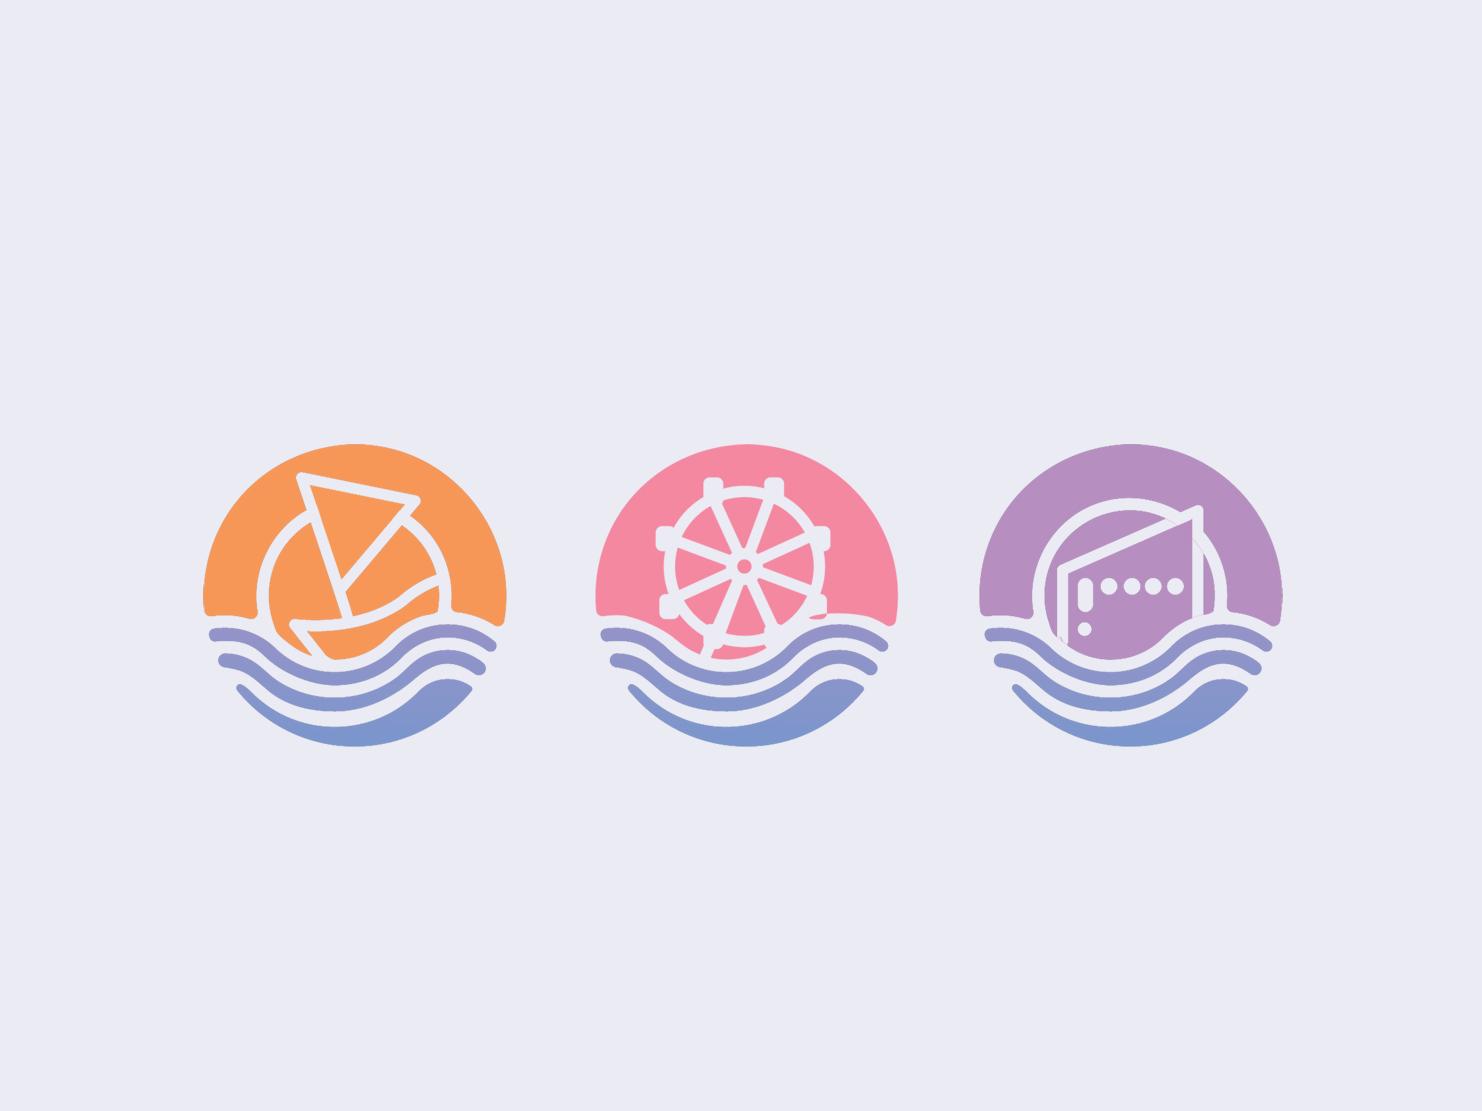 Seaside Landmark logo ride fun home residence building waves sun water coworking space coworking office work park amusement park ocean ferris wheel sea boat seaside